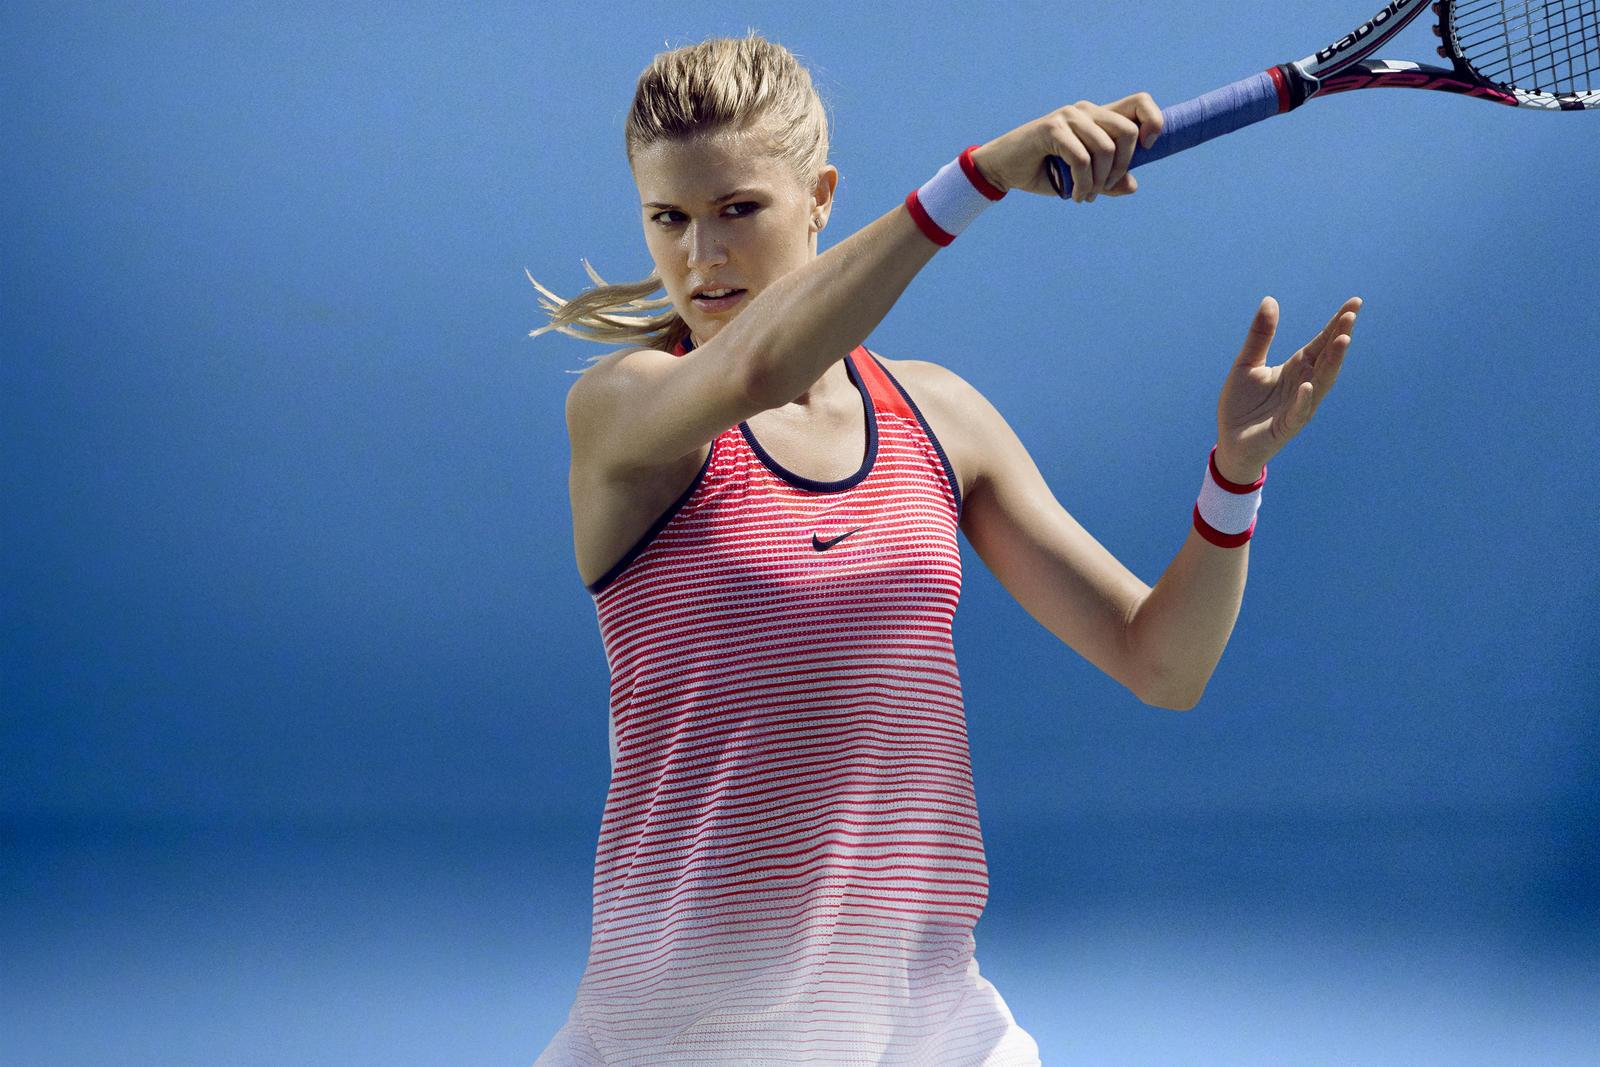 genie bouchard nike tennis outfit australian open 2016